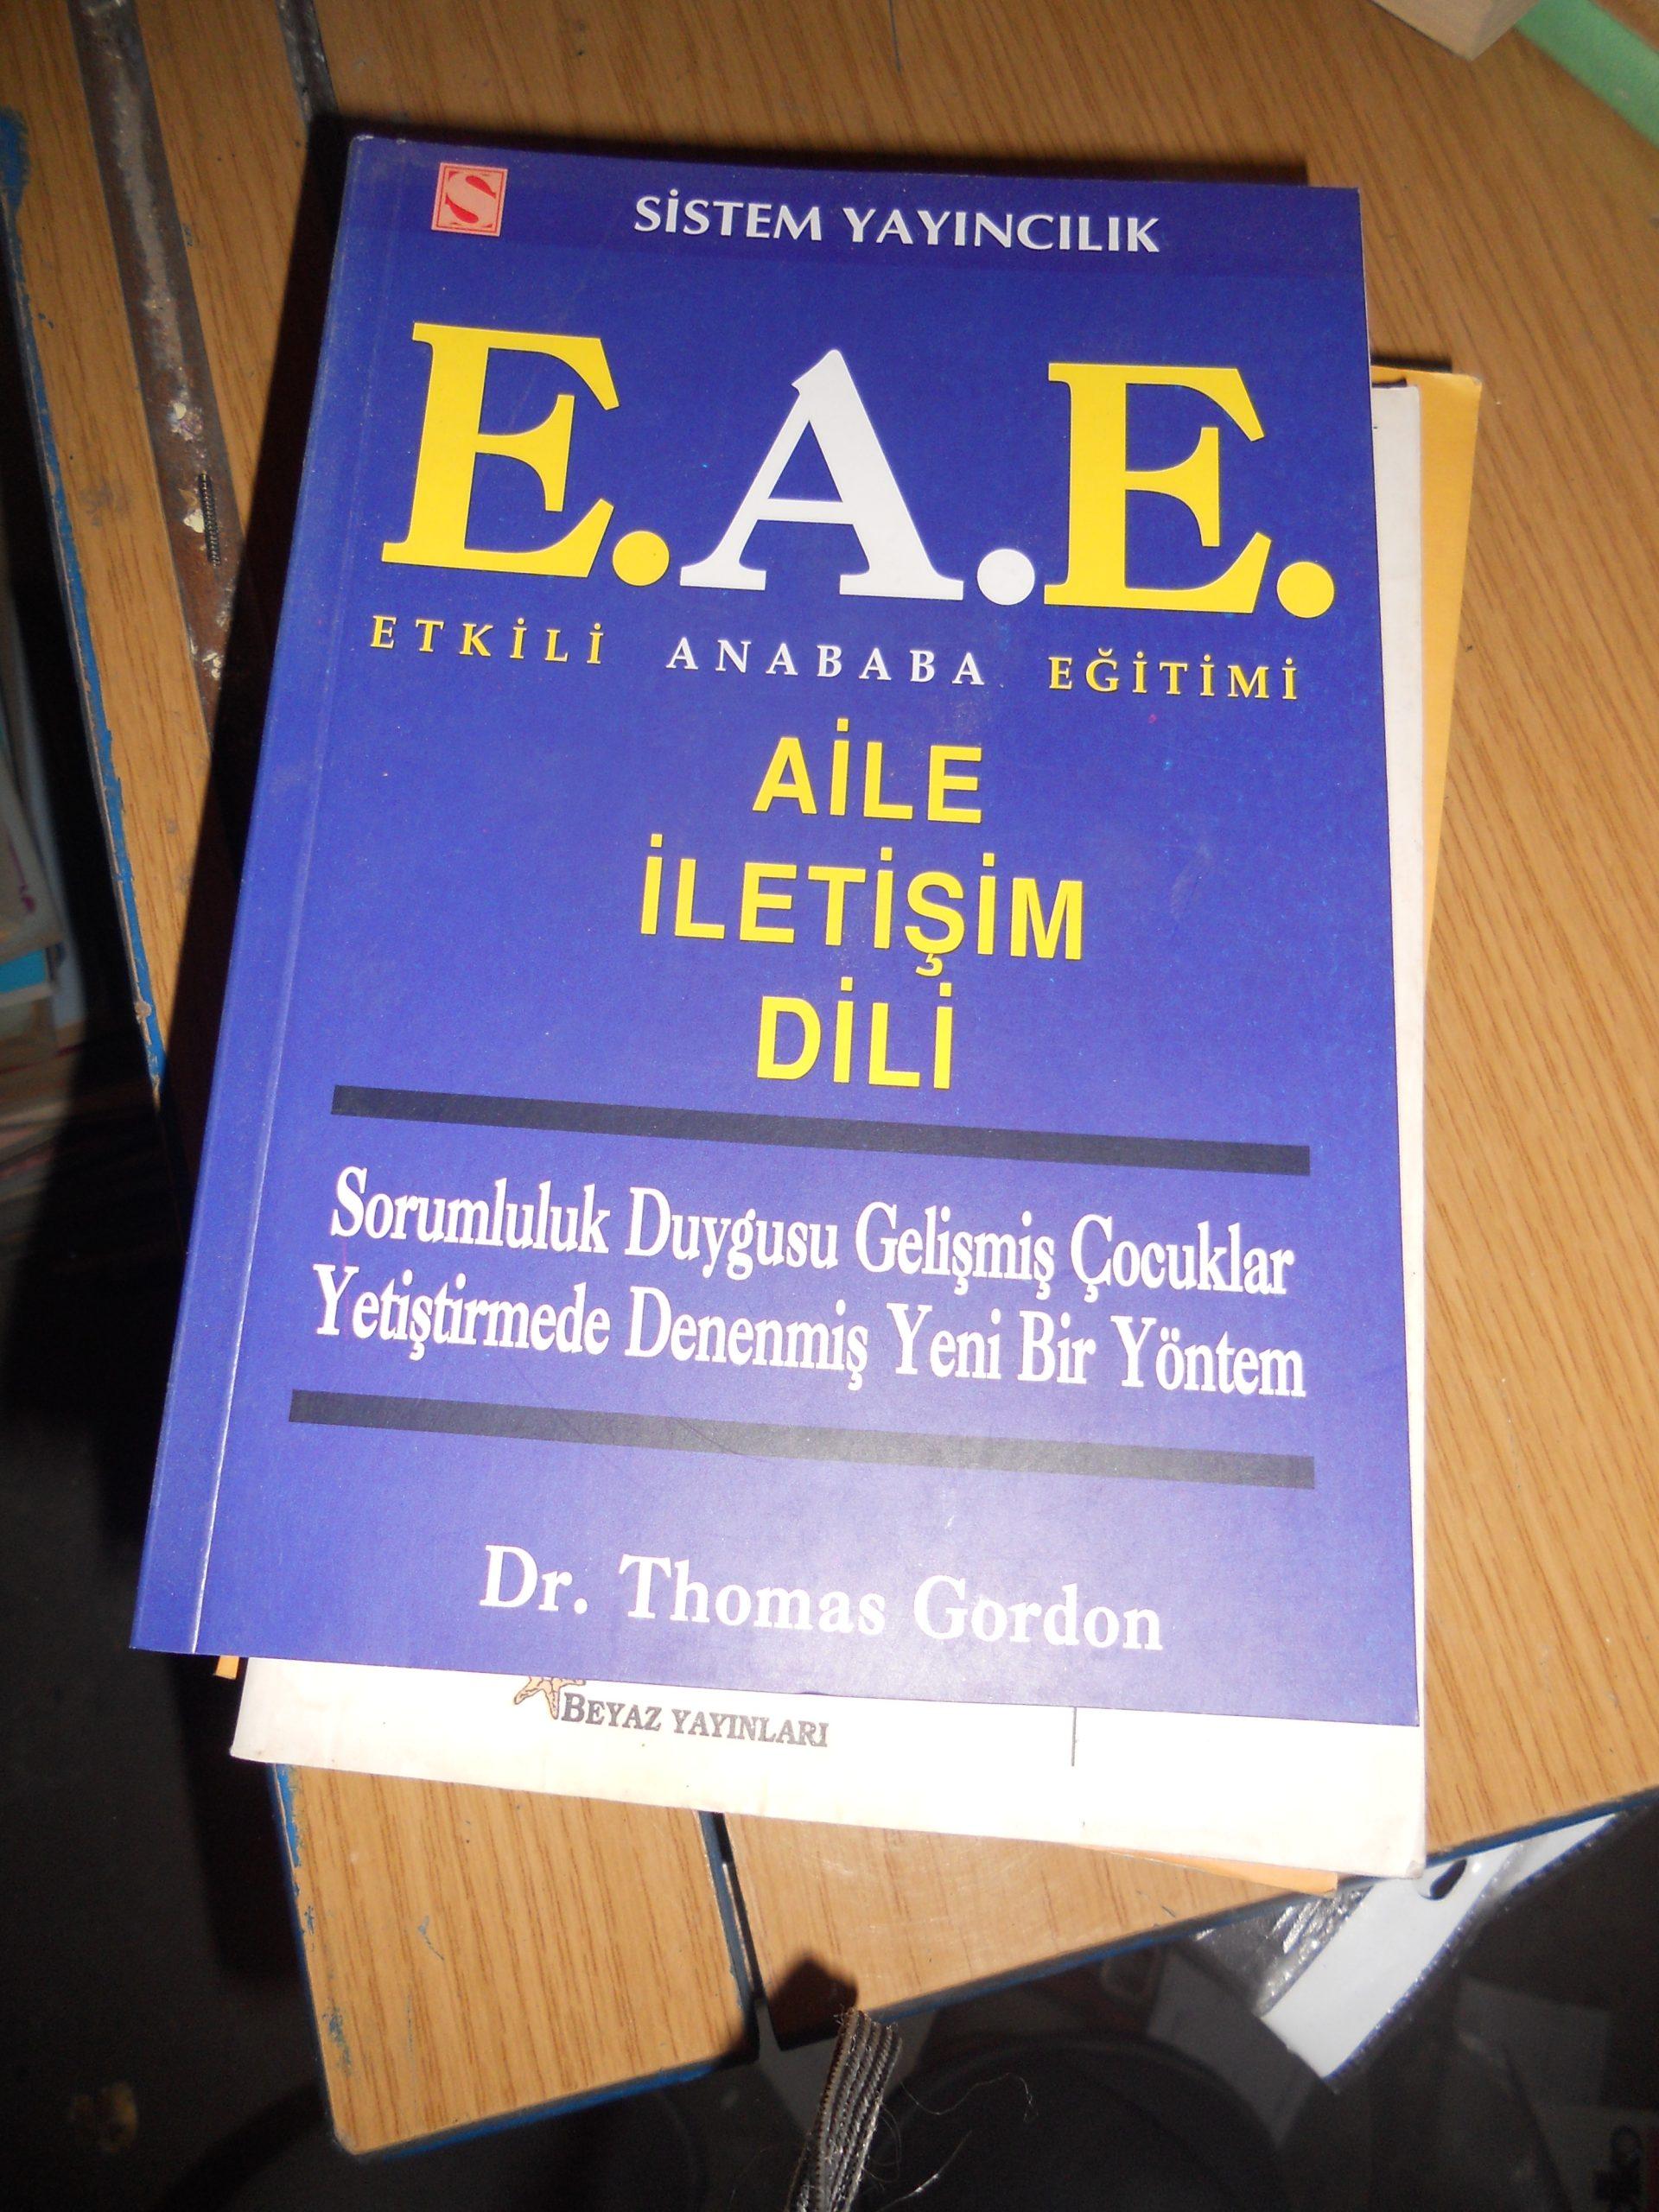 E.A.E(ETKİLİ ANABABA EĞİTİMİ)AİLE İLETİŞİM DİLİ/Thomas GORDON/10 tl